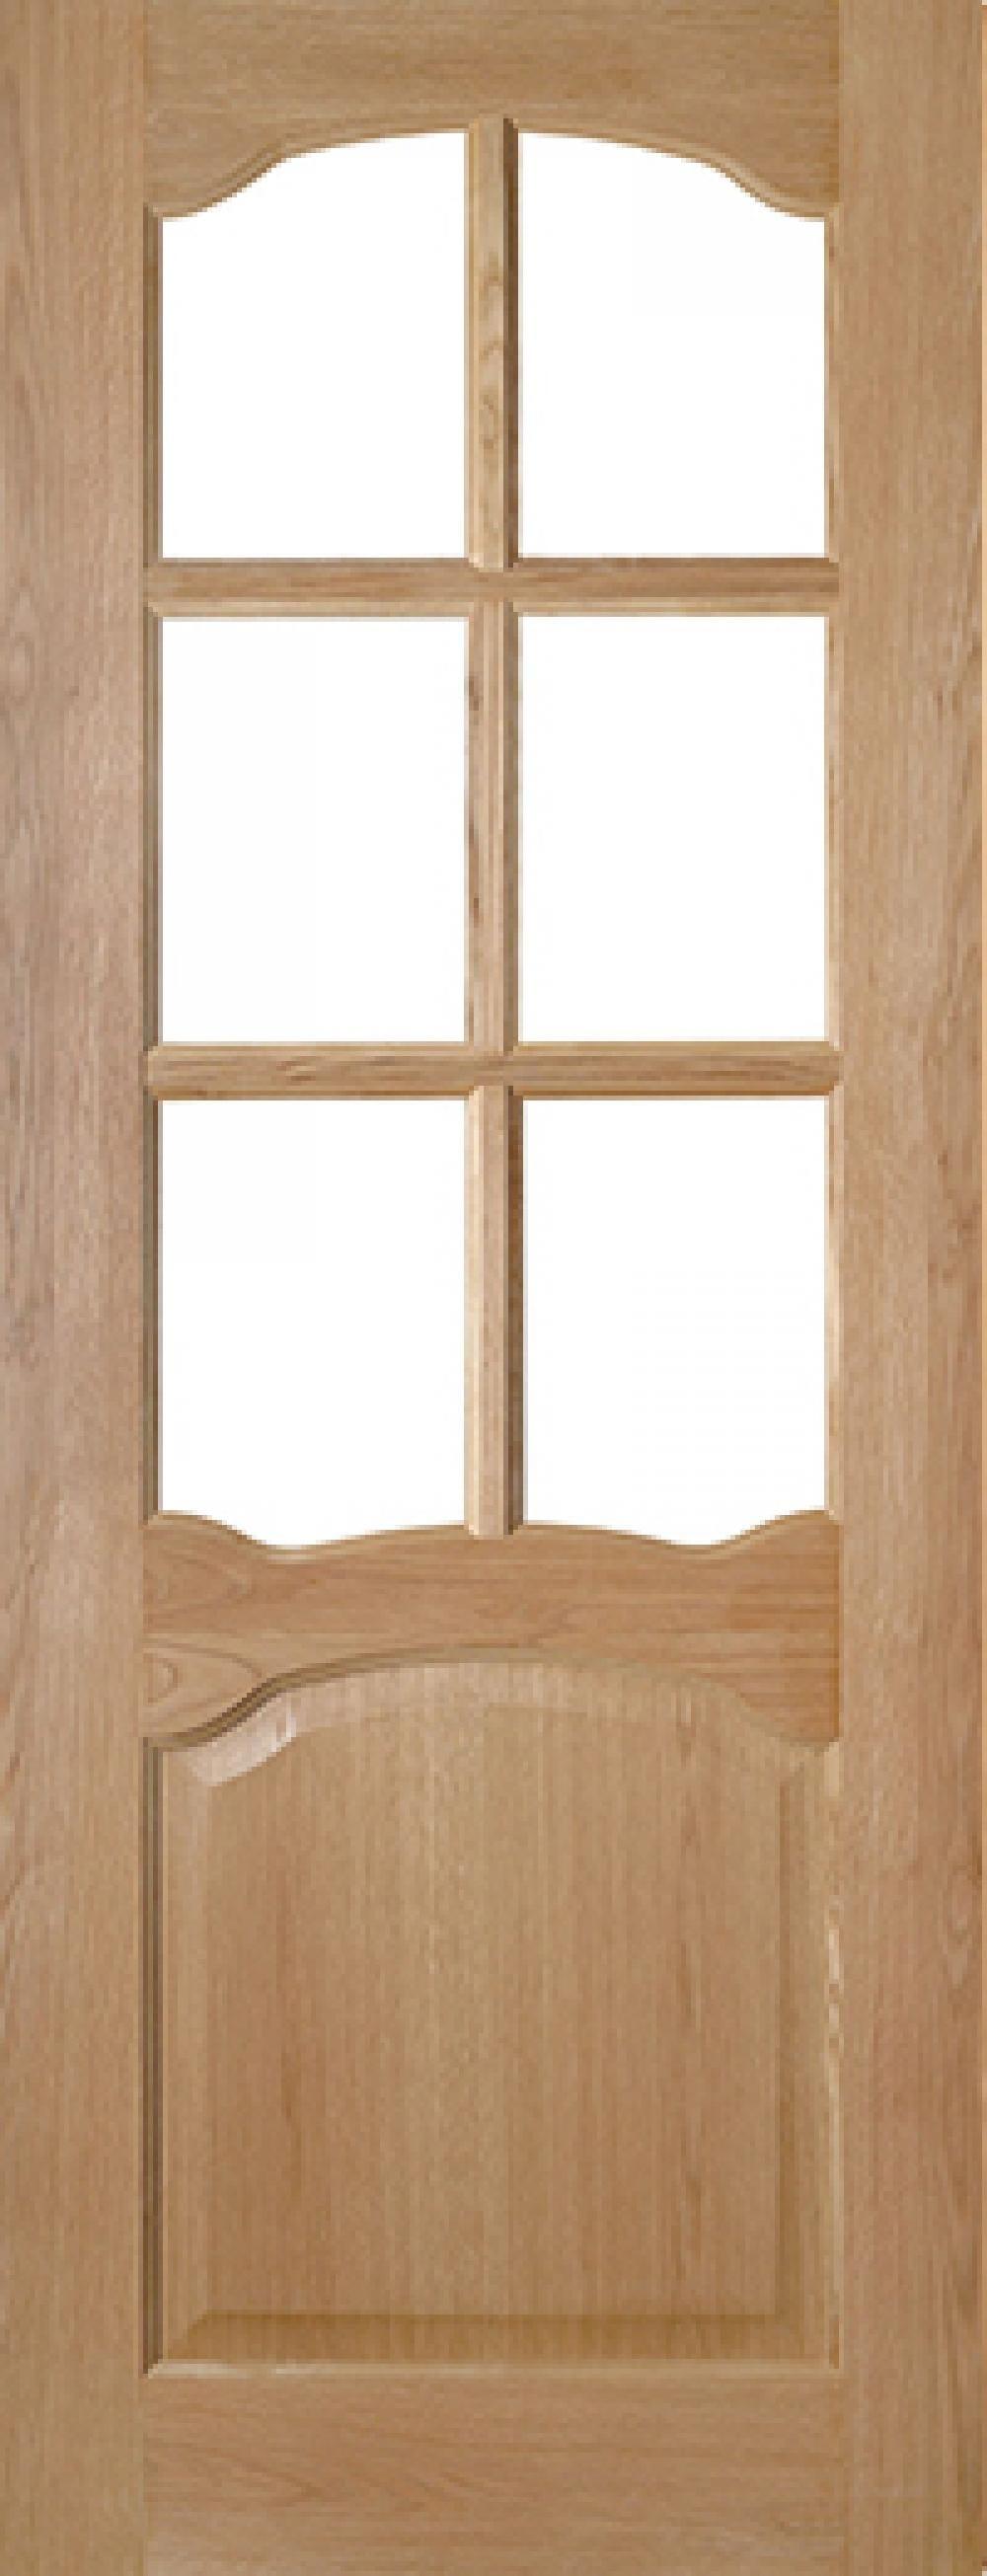 Louis Glazed Oak - Deanta Image